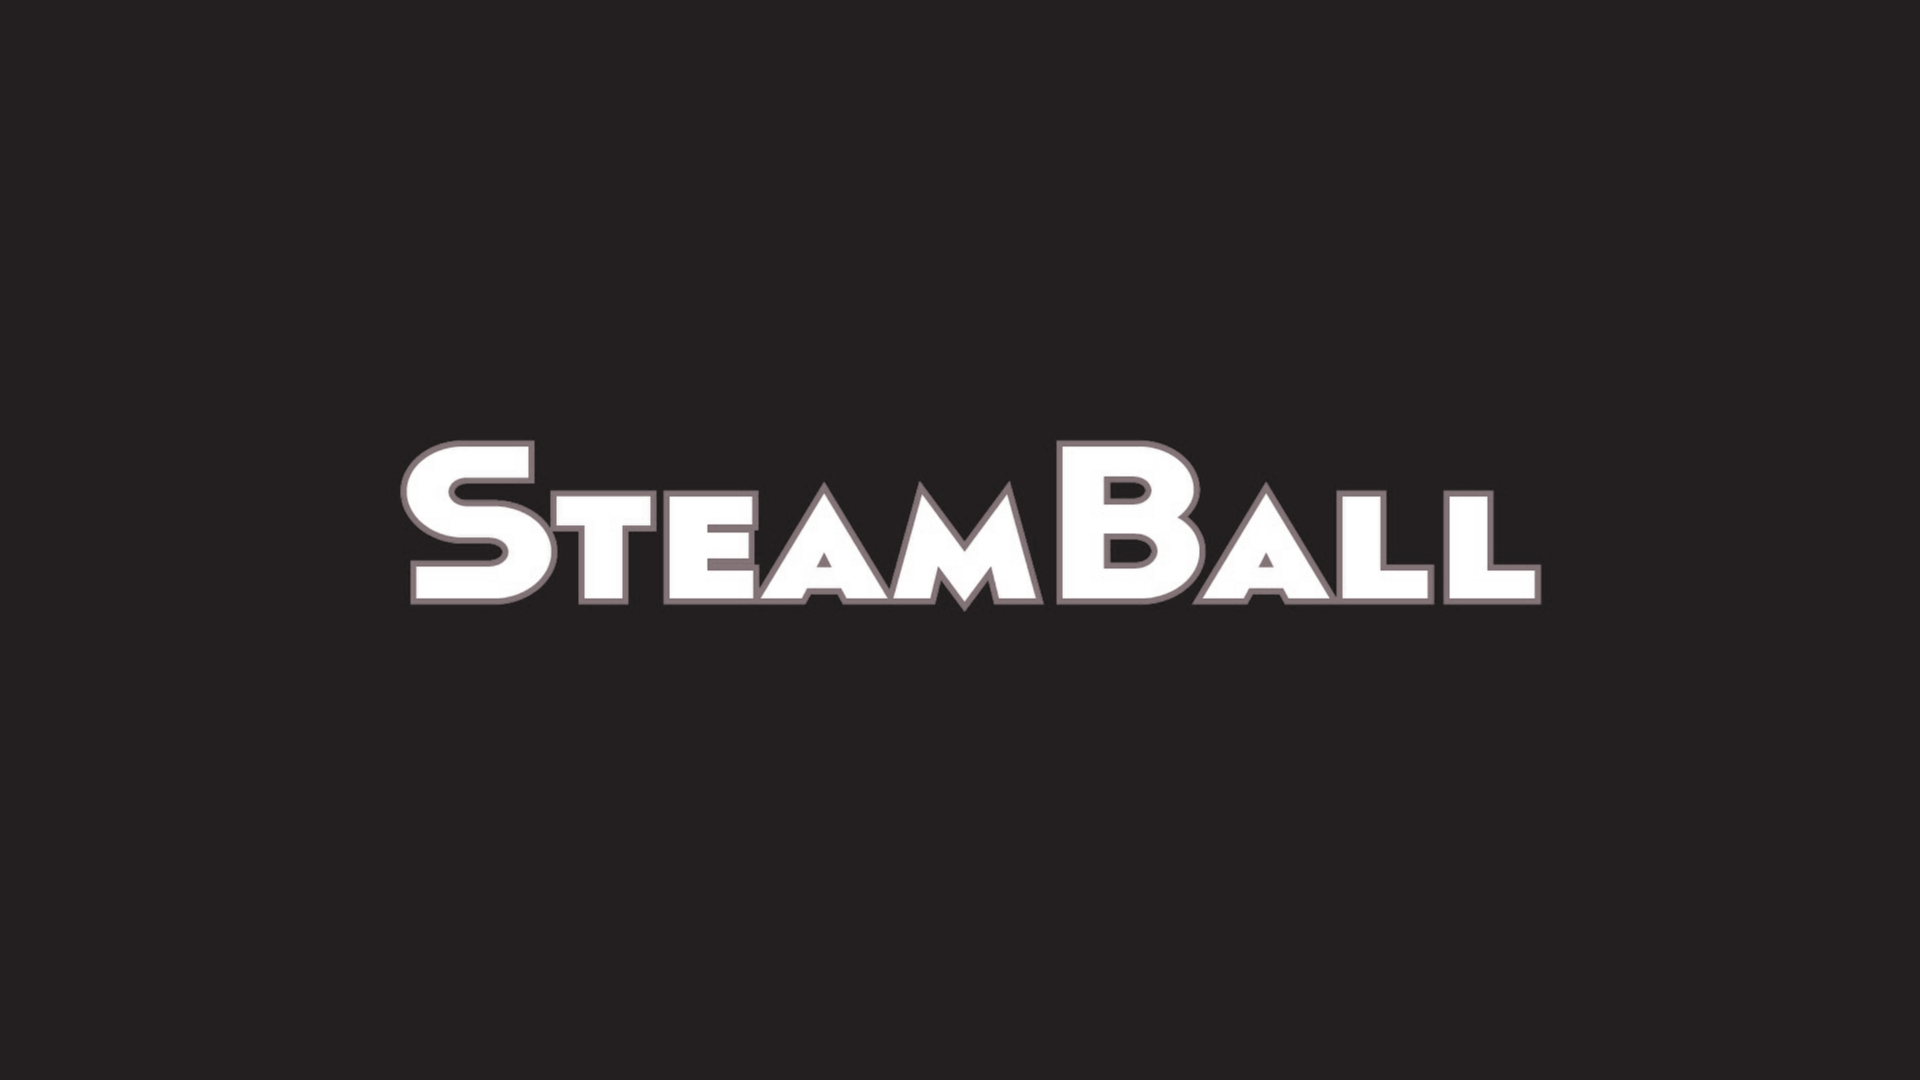 Steam Ball Schriftzug